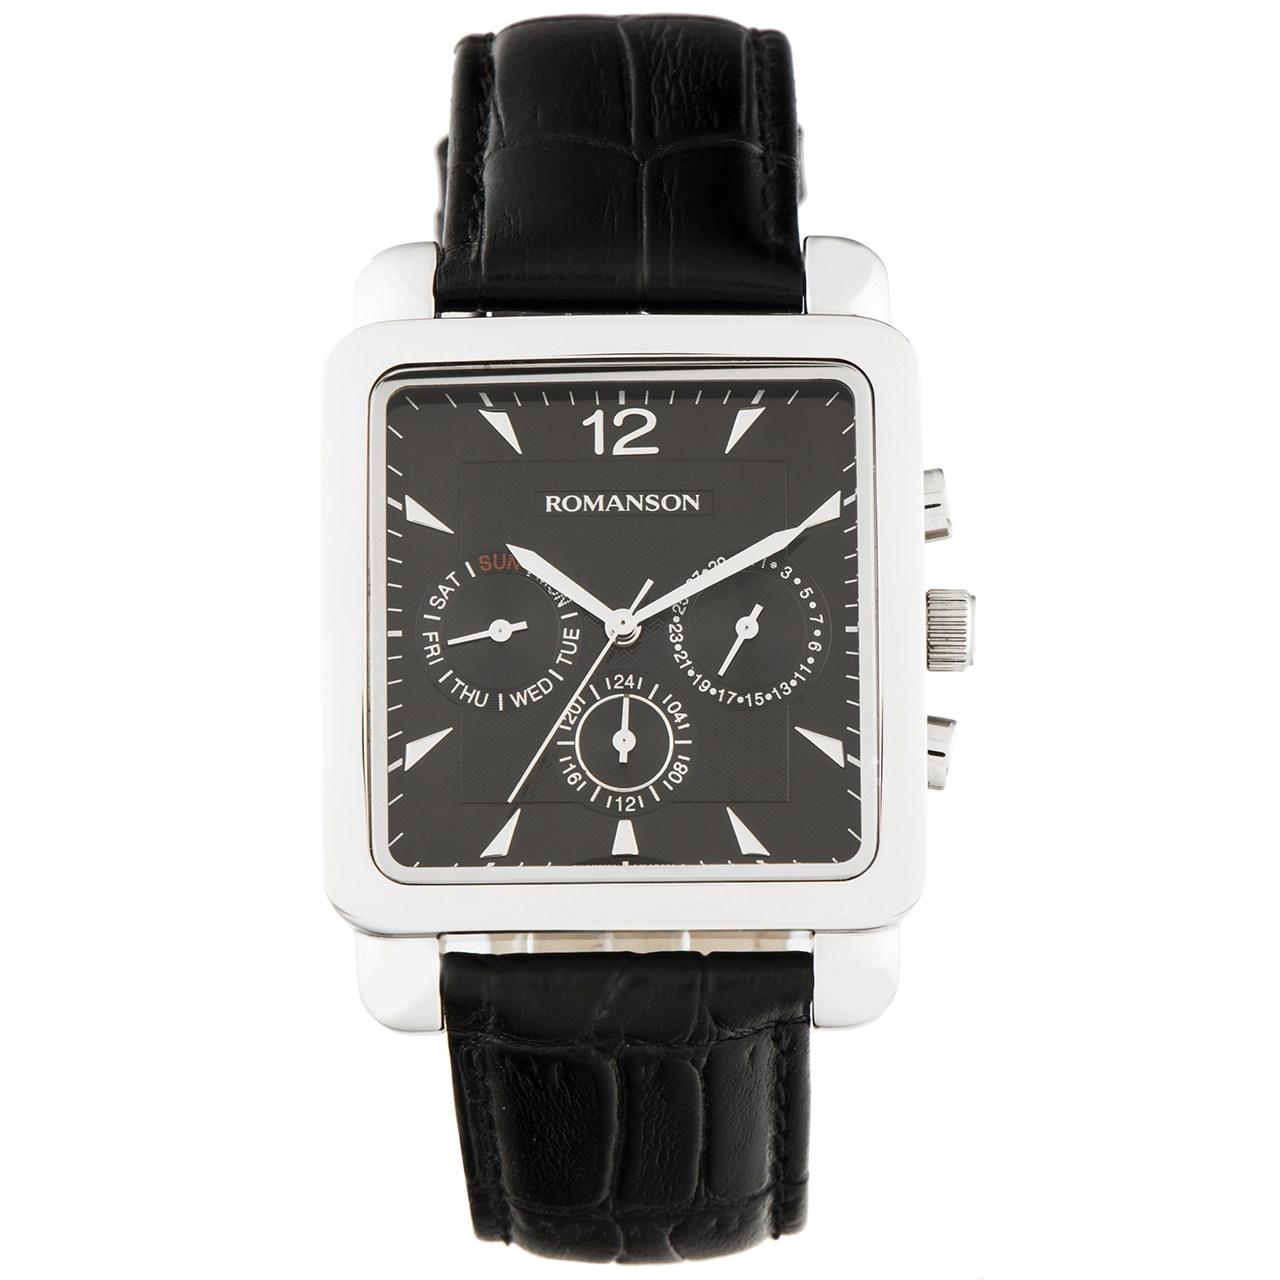 ساعت مچی عقربه ای مردانه رومانسون مدل TL9244MM1WA32W 13